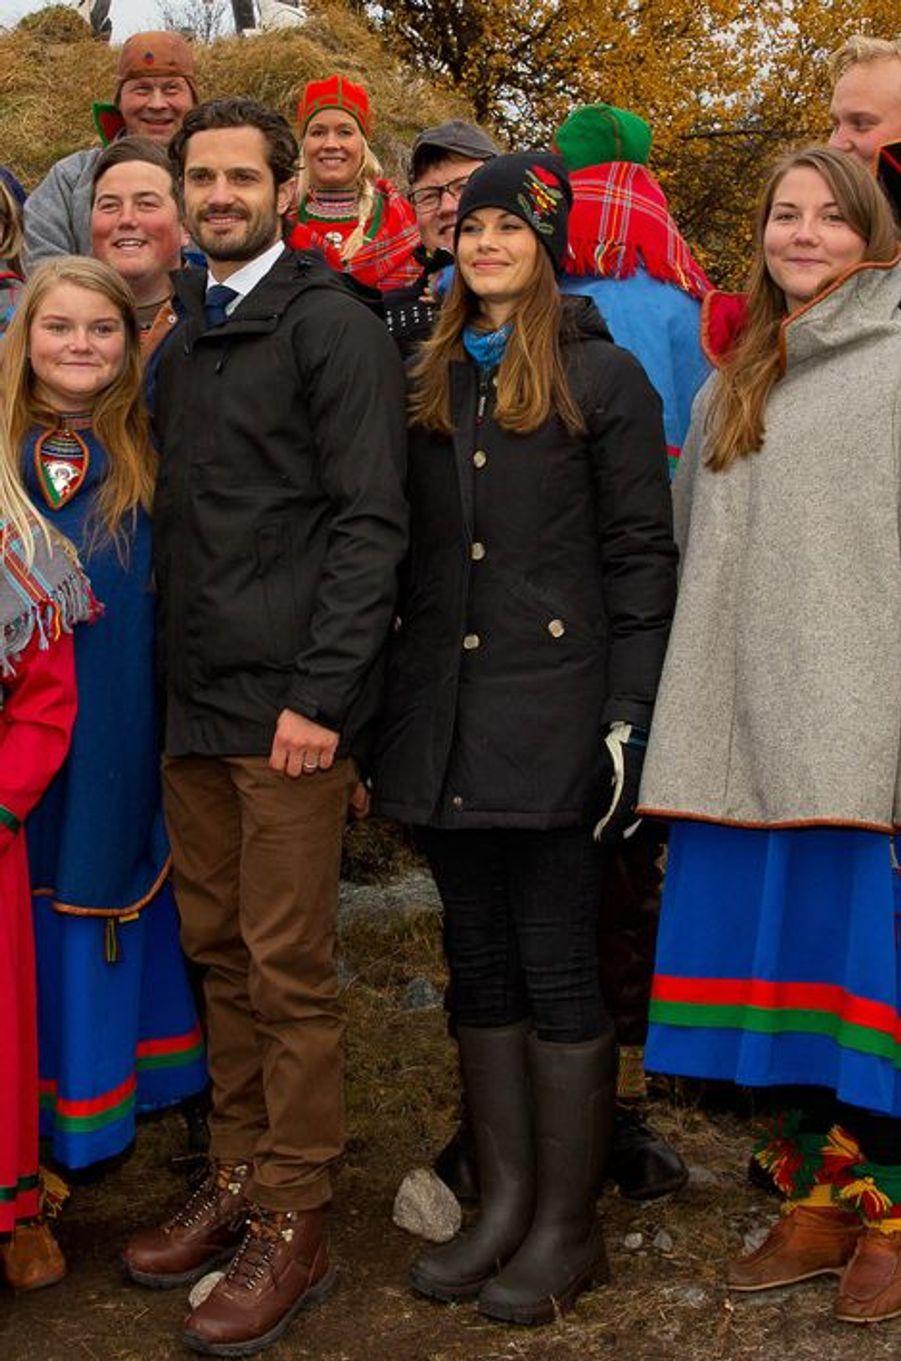 La princesse Sofia et le prince Carl Philip de Suède à Idre, le 6 octobre 2015